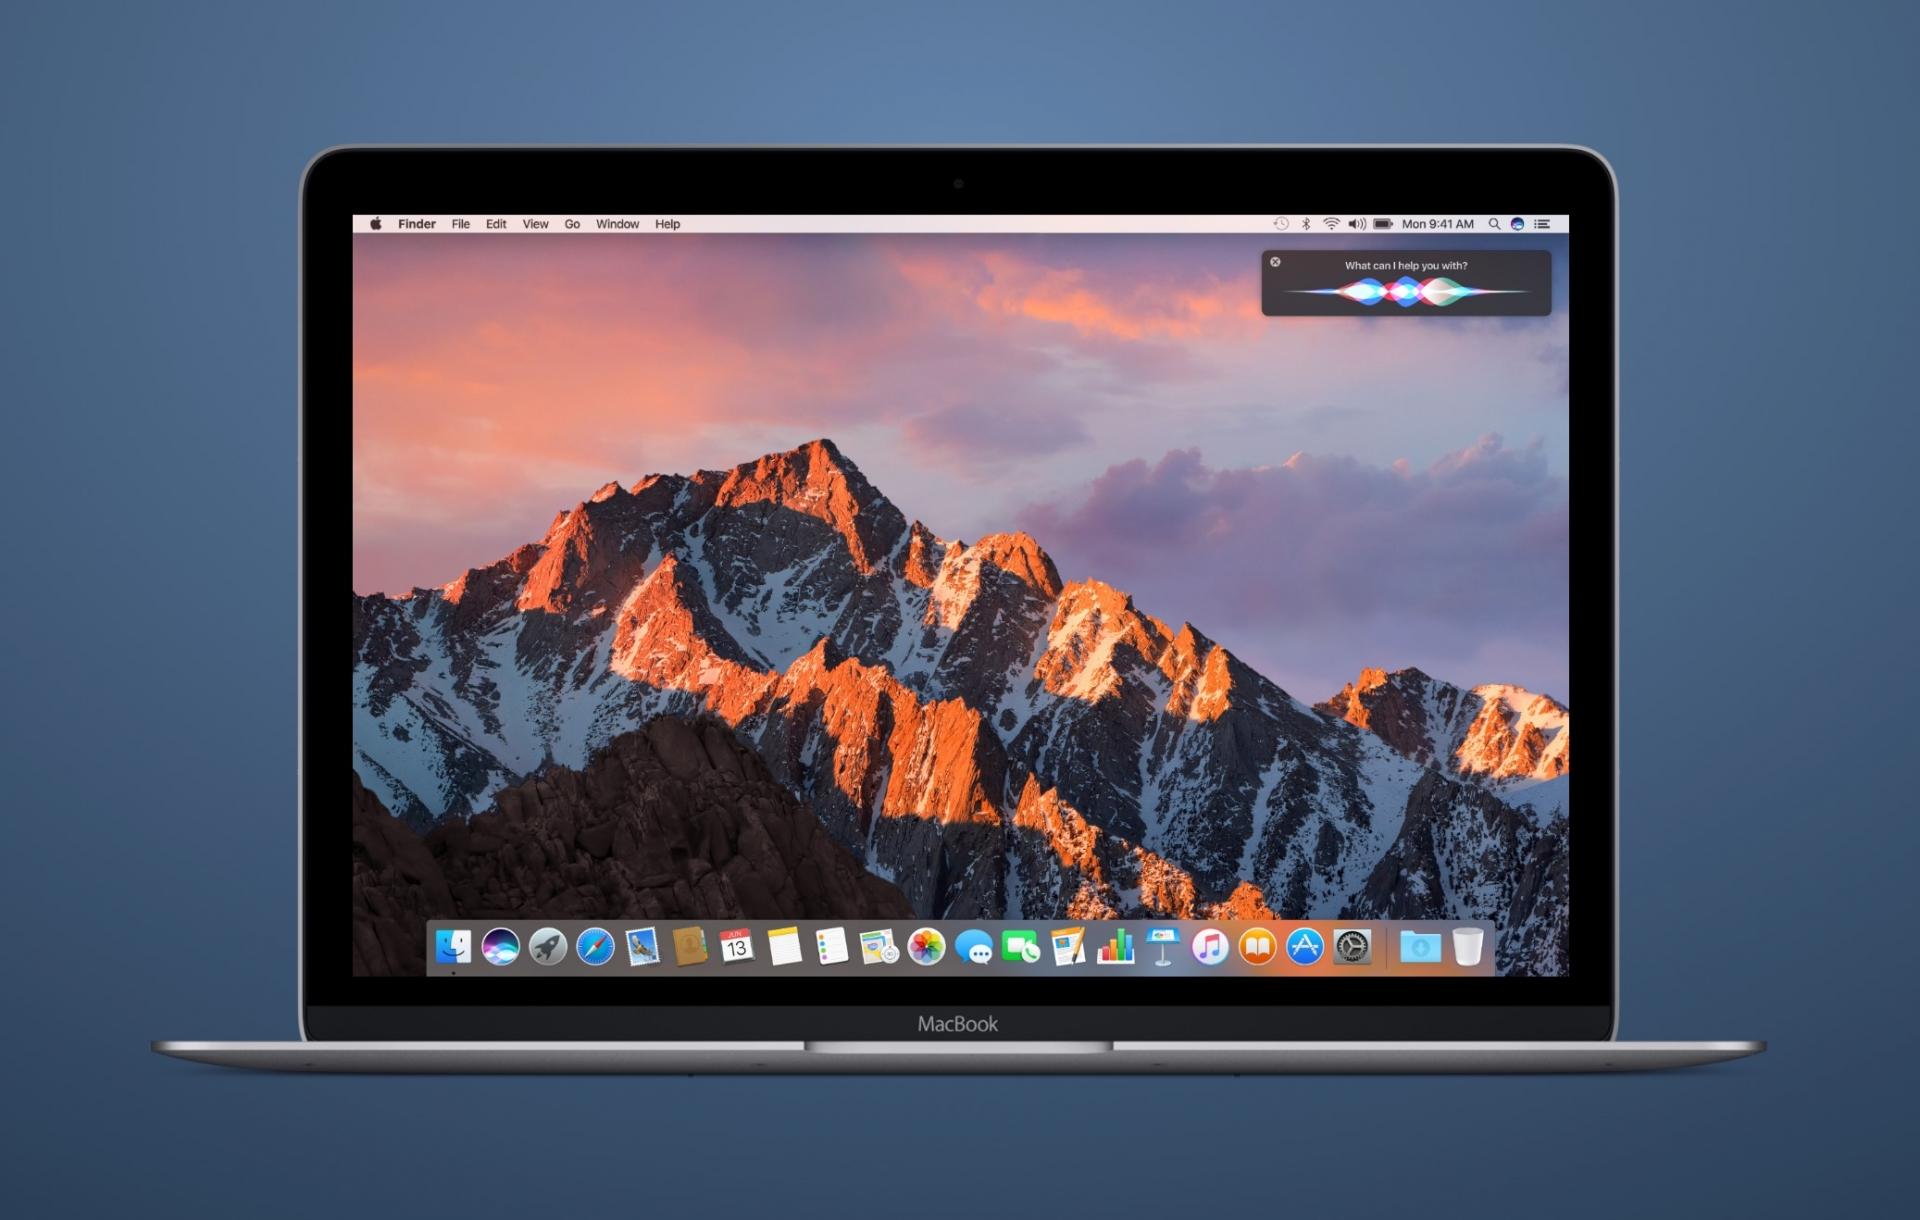 macOS Sierra 10.12 beta 4